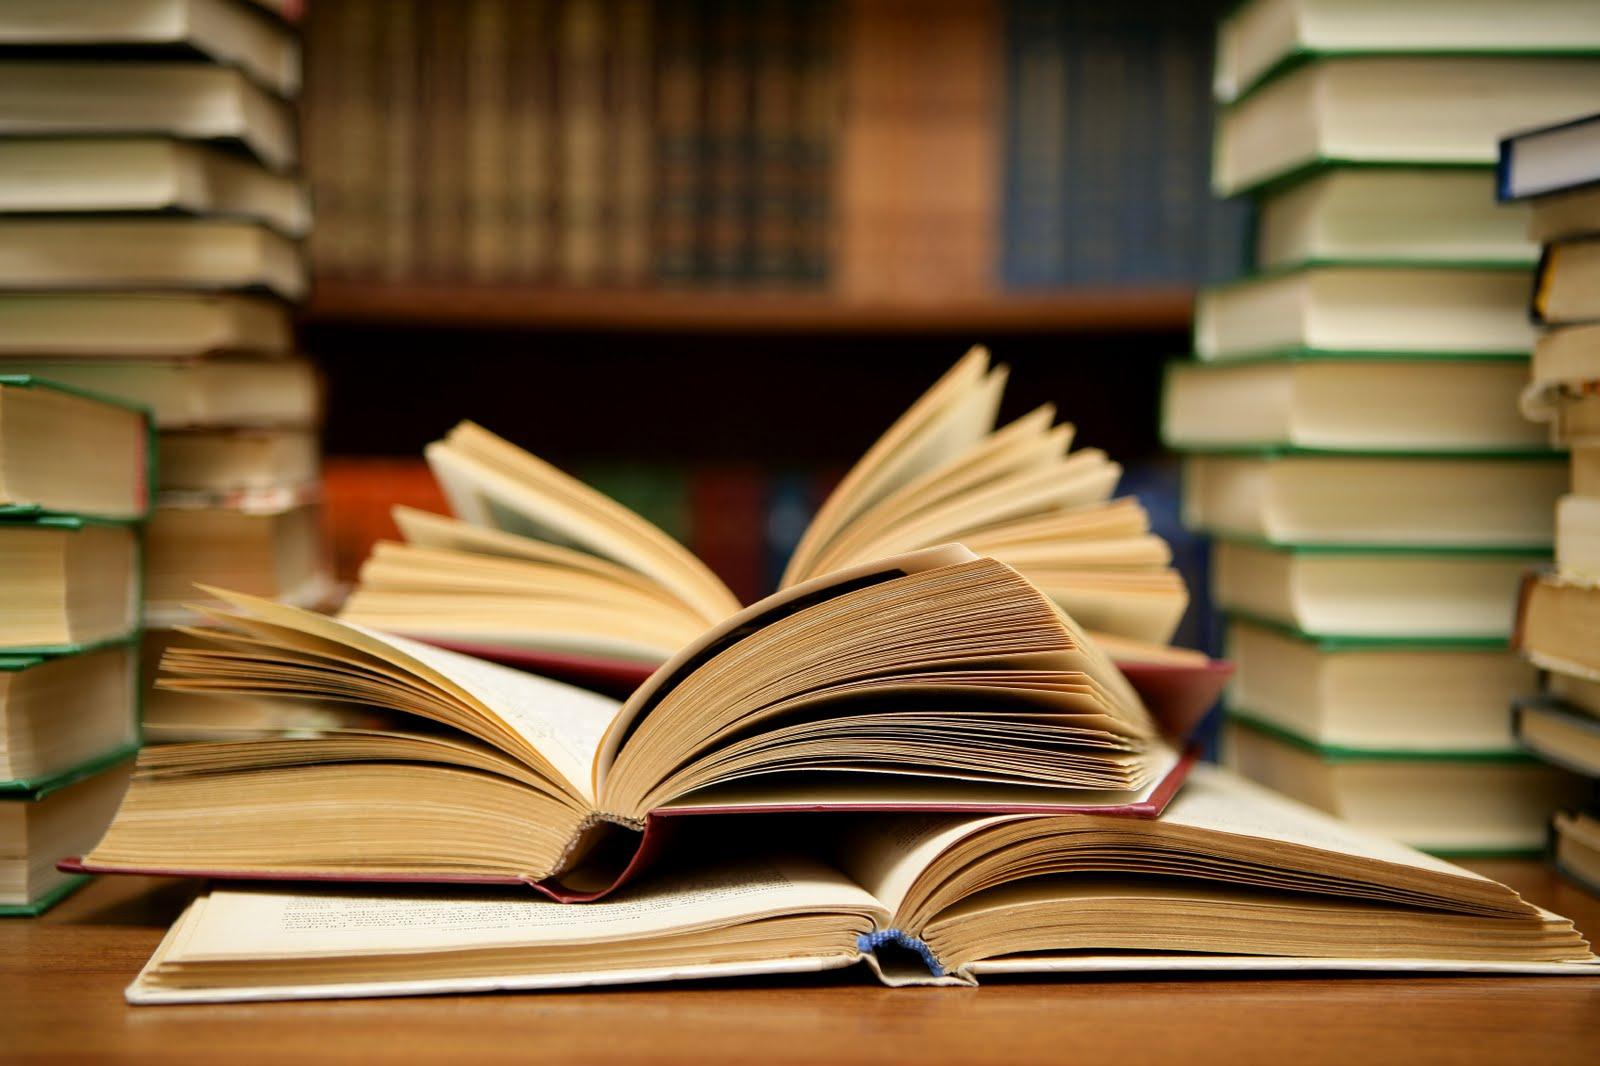 Список интересных и познавательных статей 📚